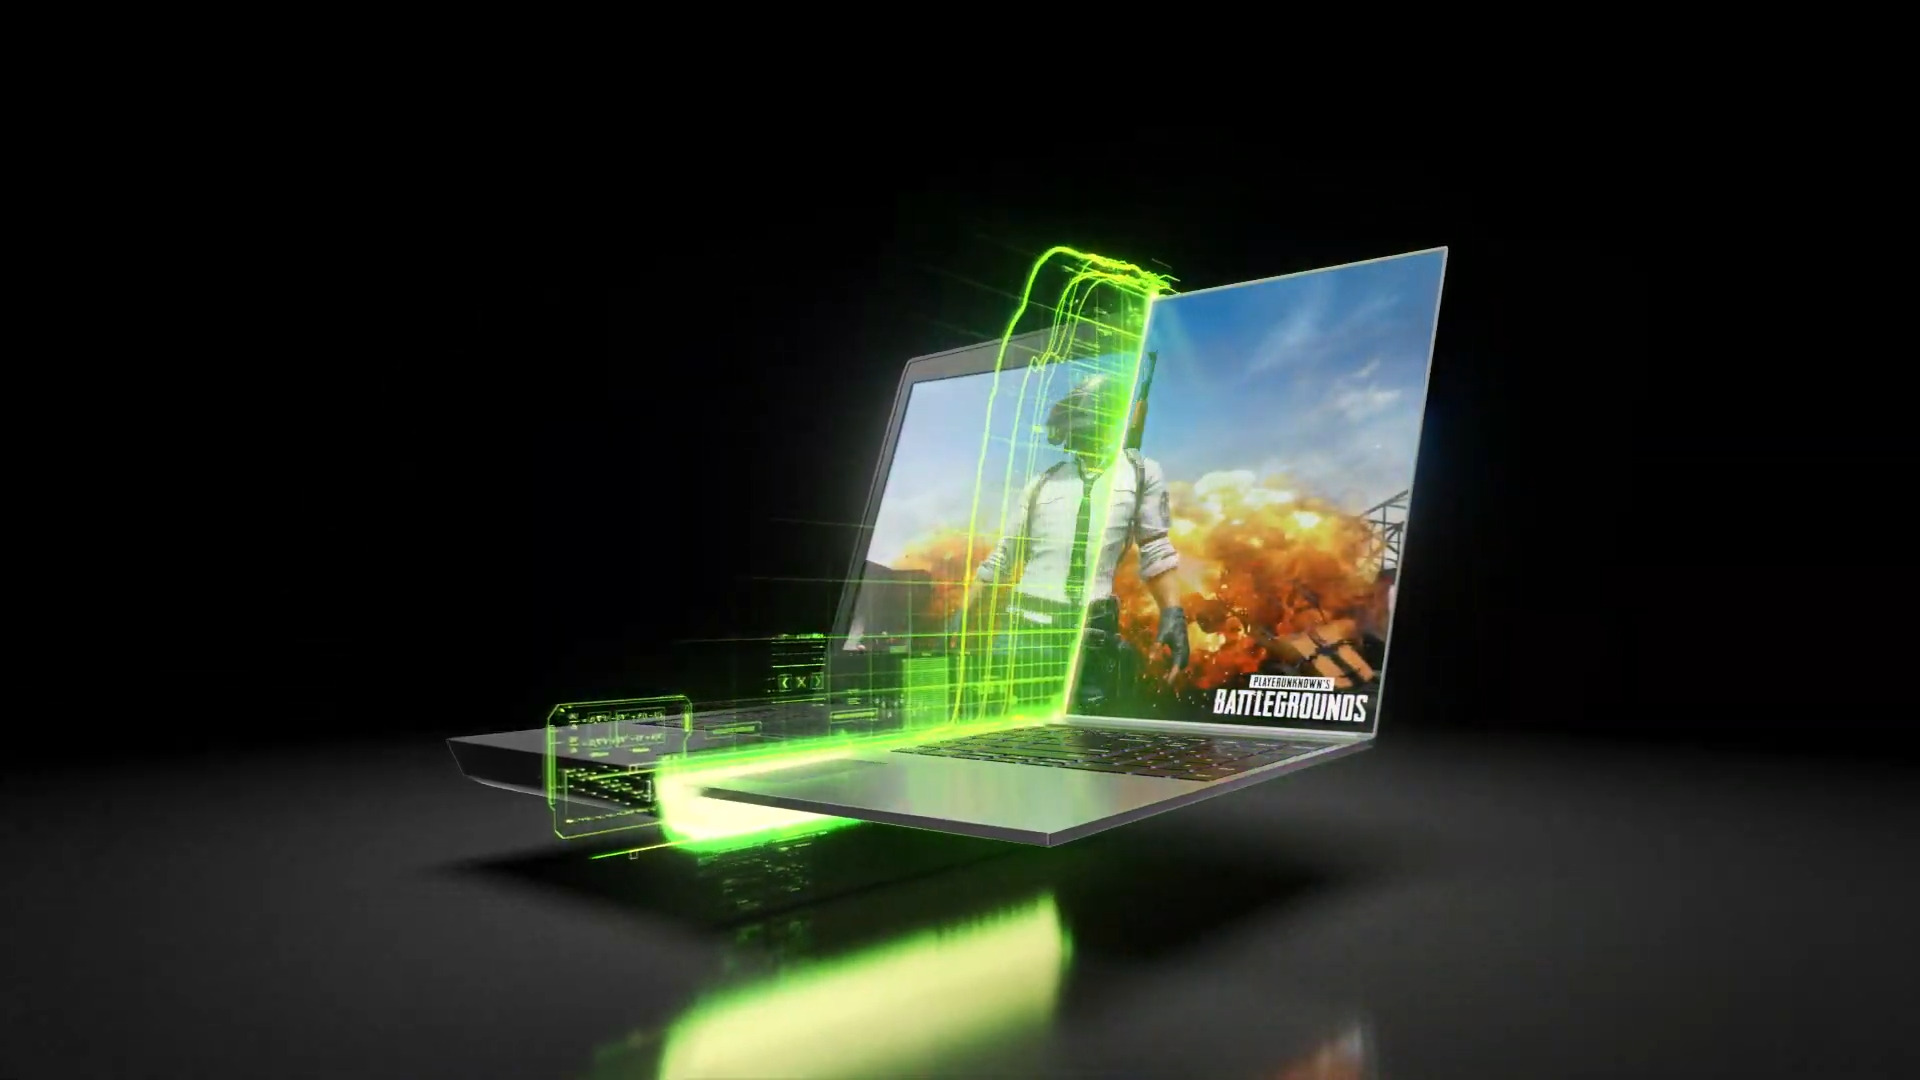 RTX 3000 : Nvidia demande de la transparence aux fabricants utilisant ses cartes graphiques - Frandroid